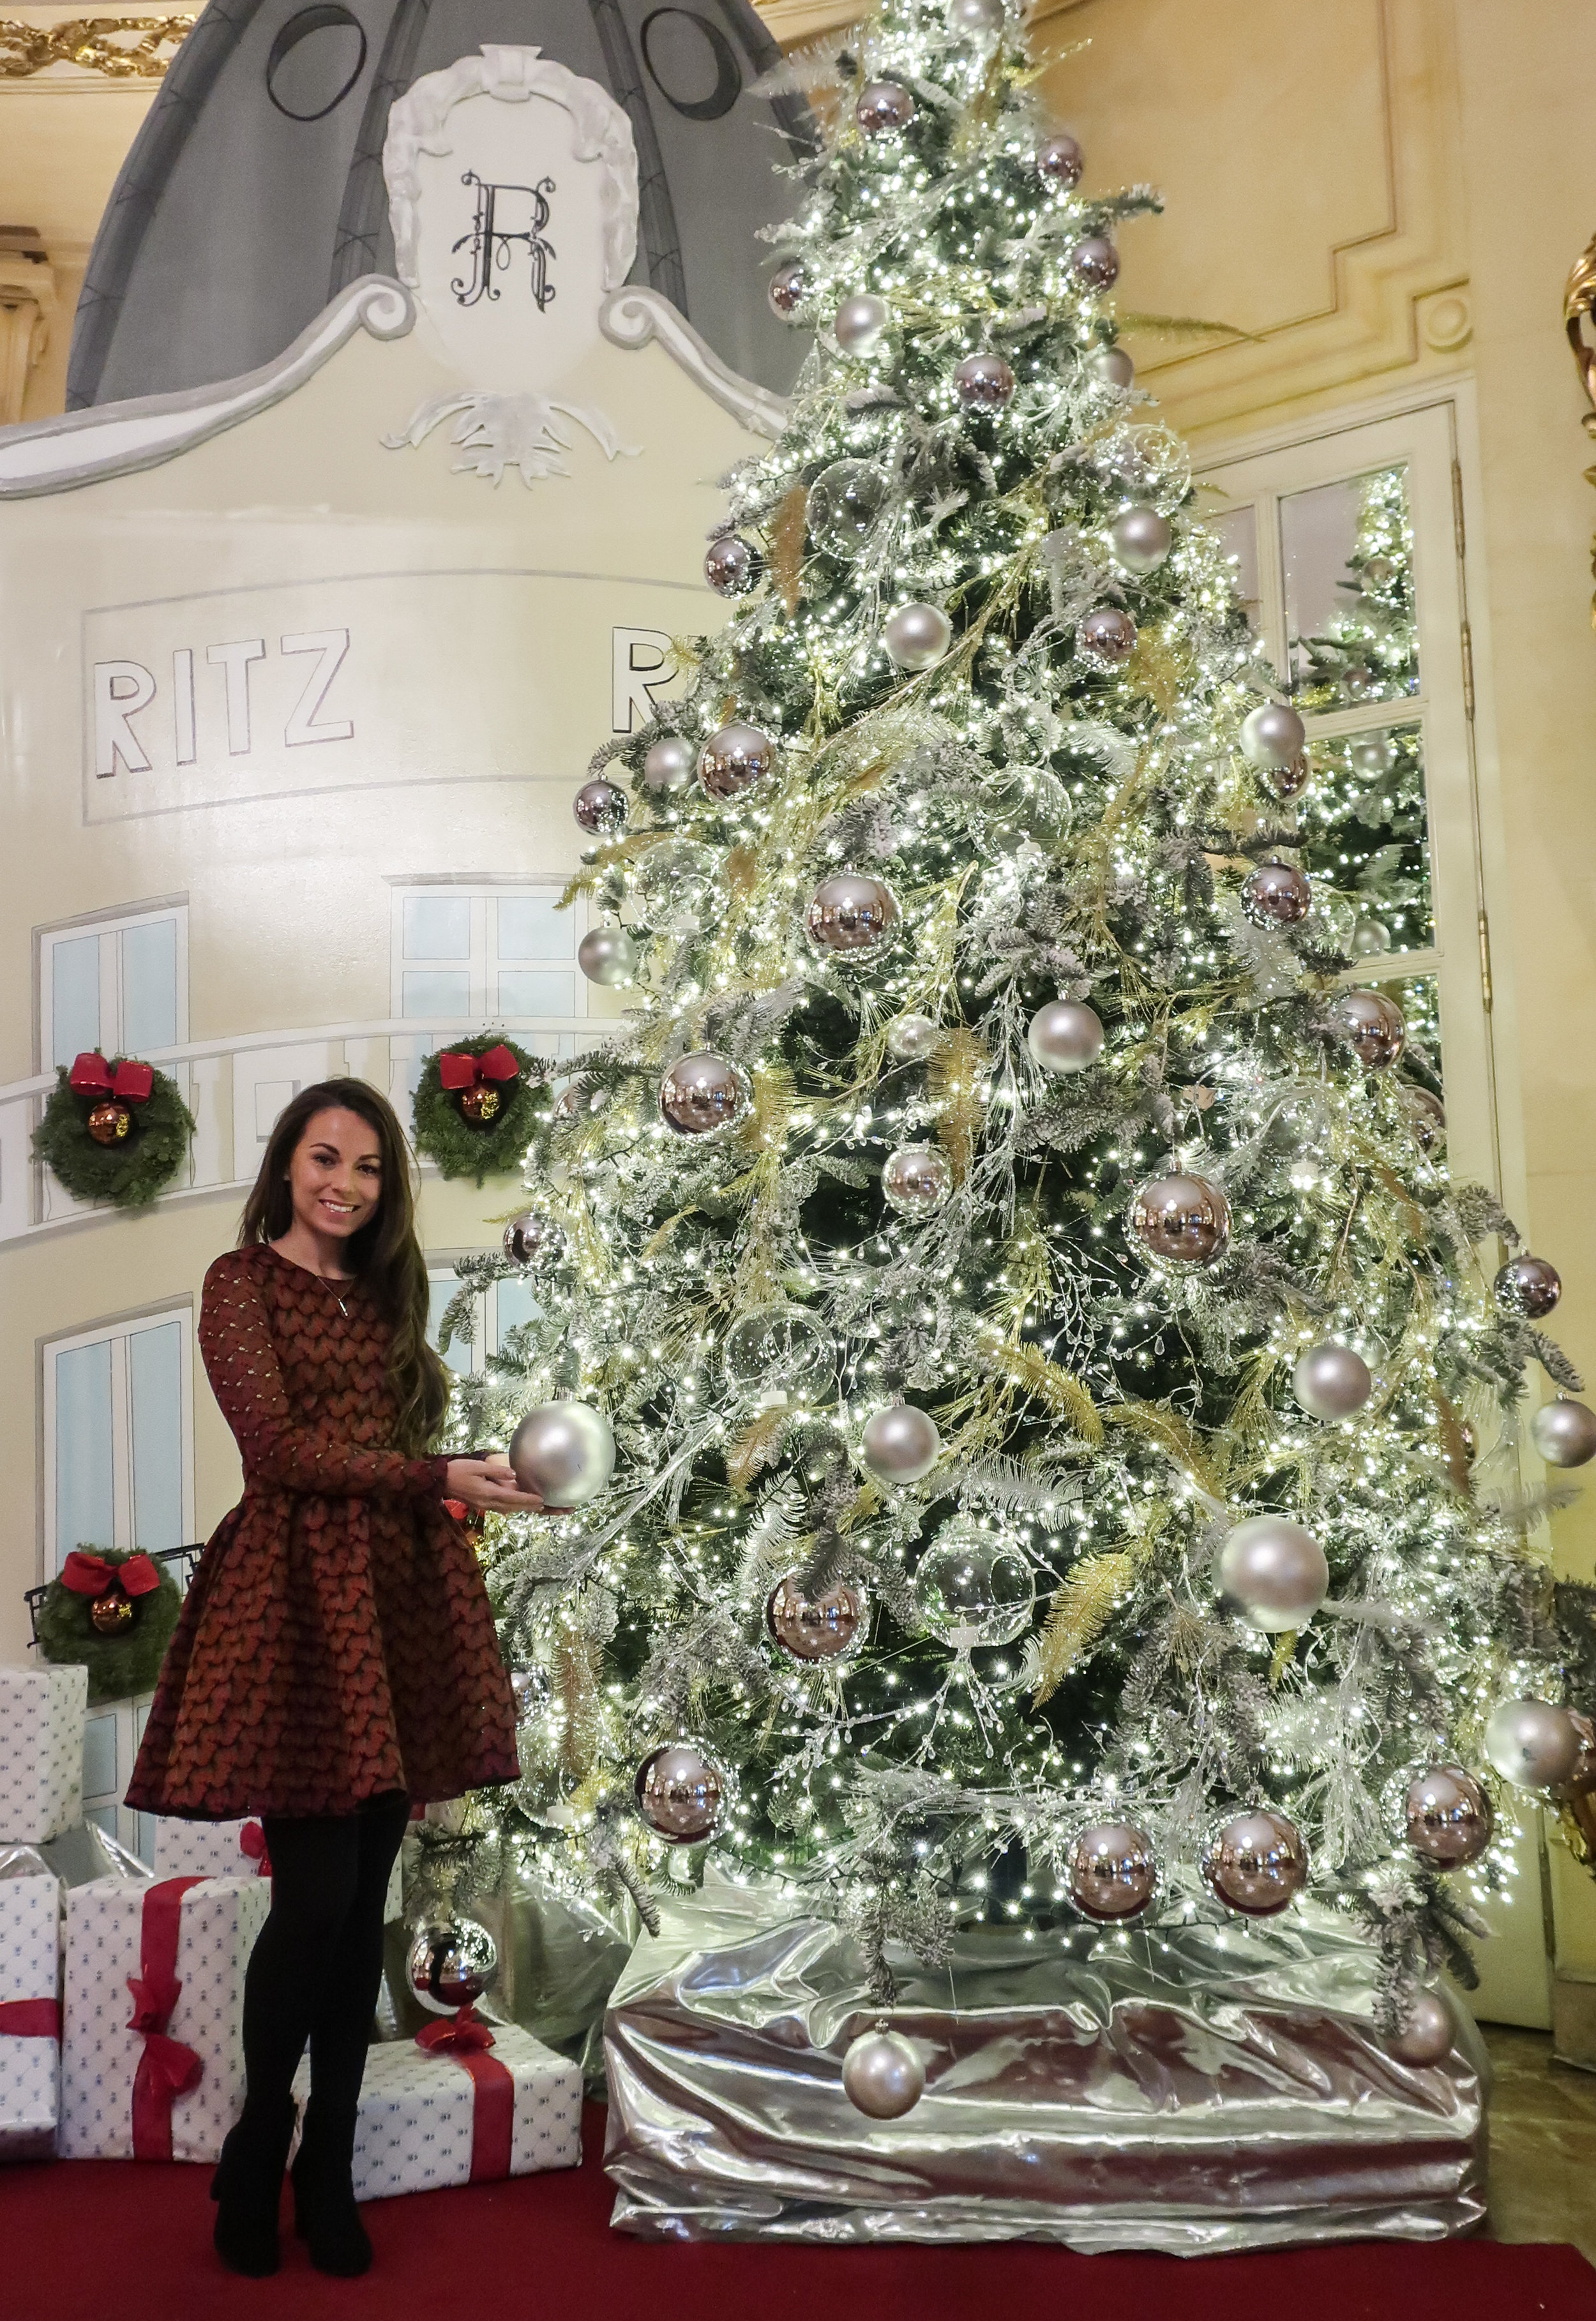 Goya Restaurant - Ritz Hotel